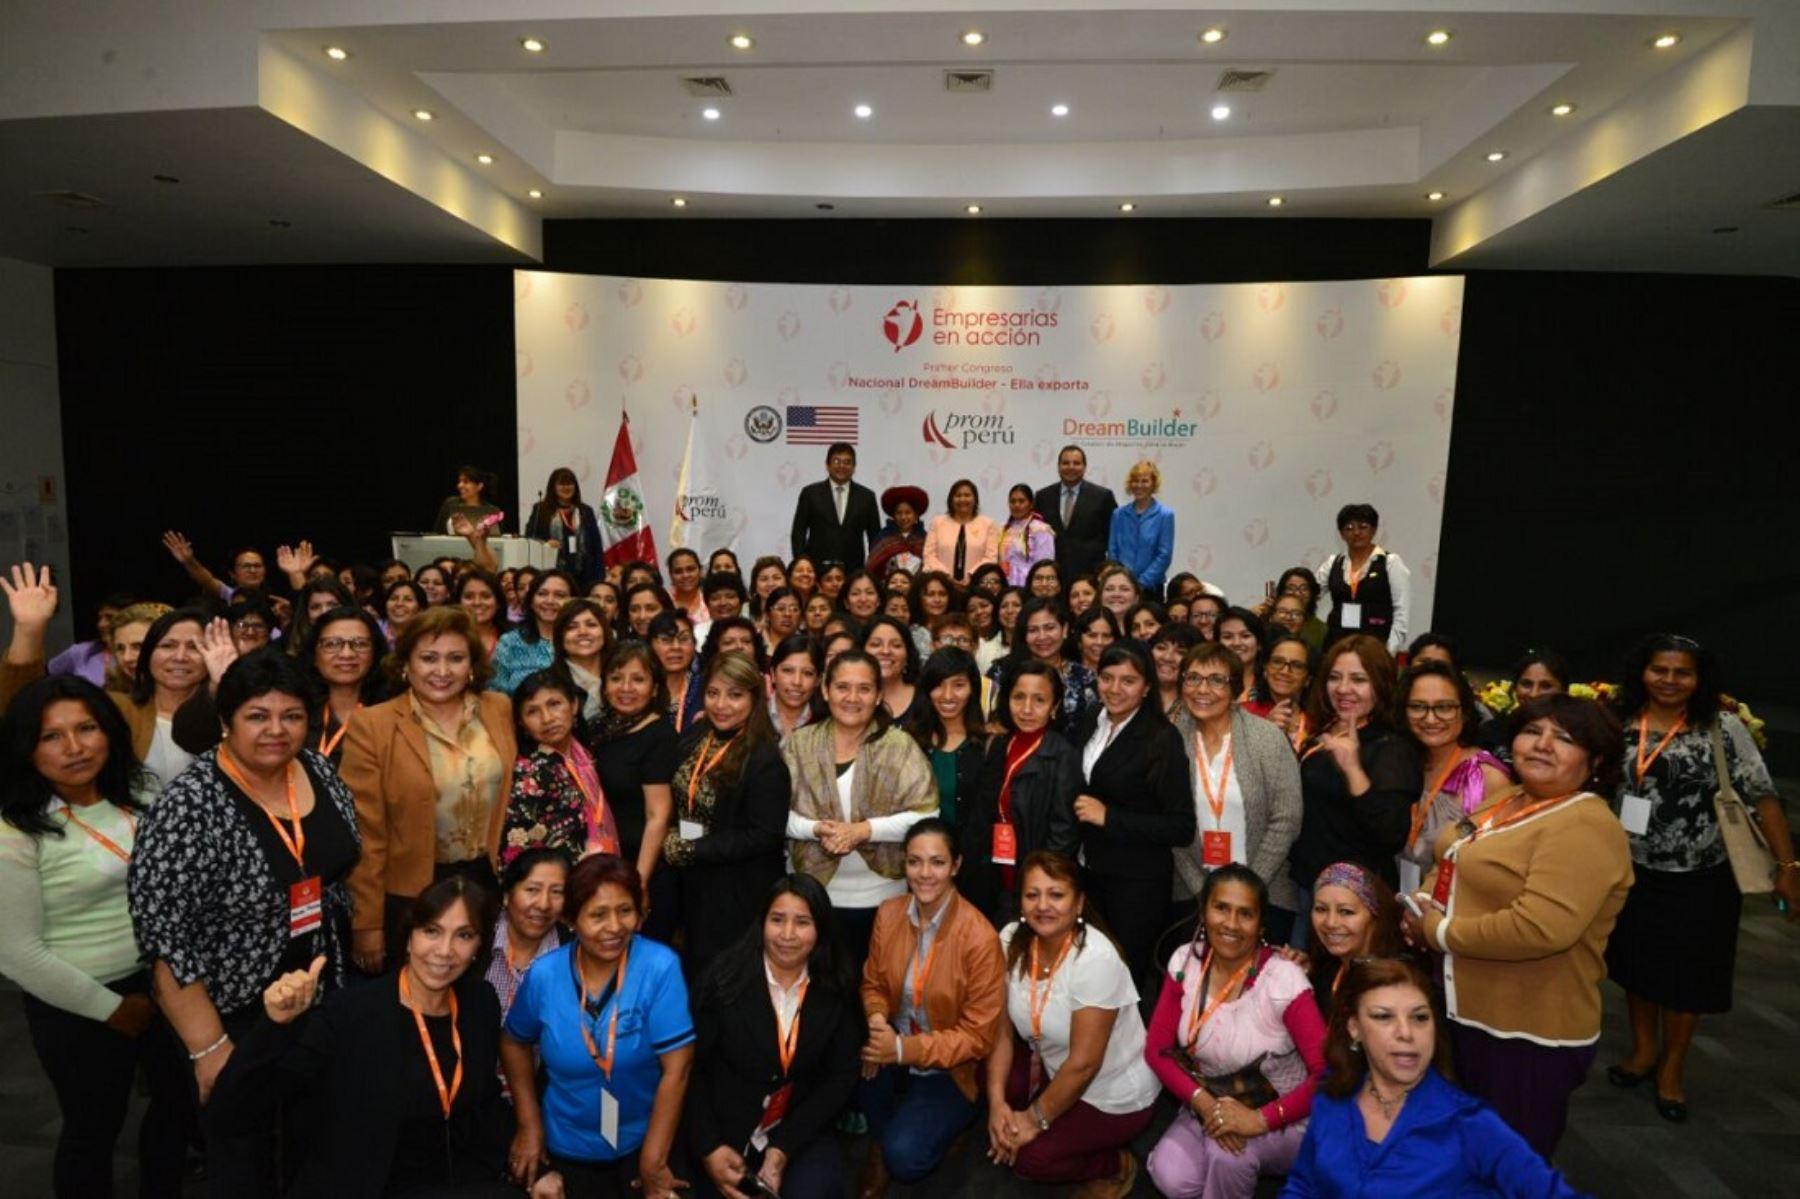 Ministra de la Mujer, Ana María Choquehuanca, destacó el rol de la mujer en la creación de empresas.